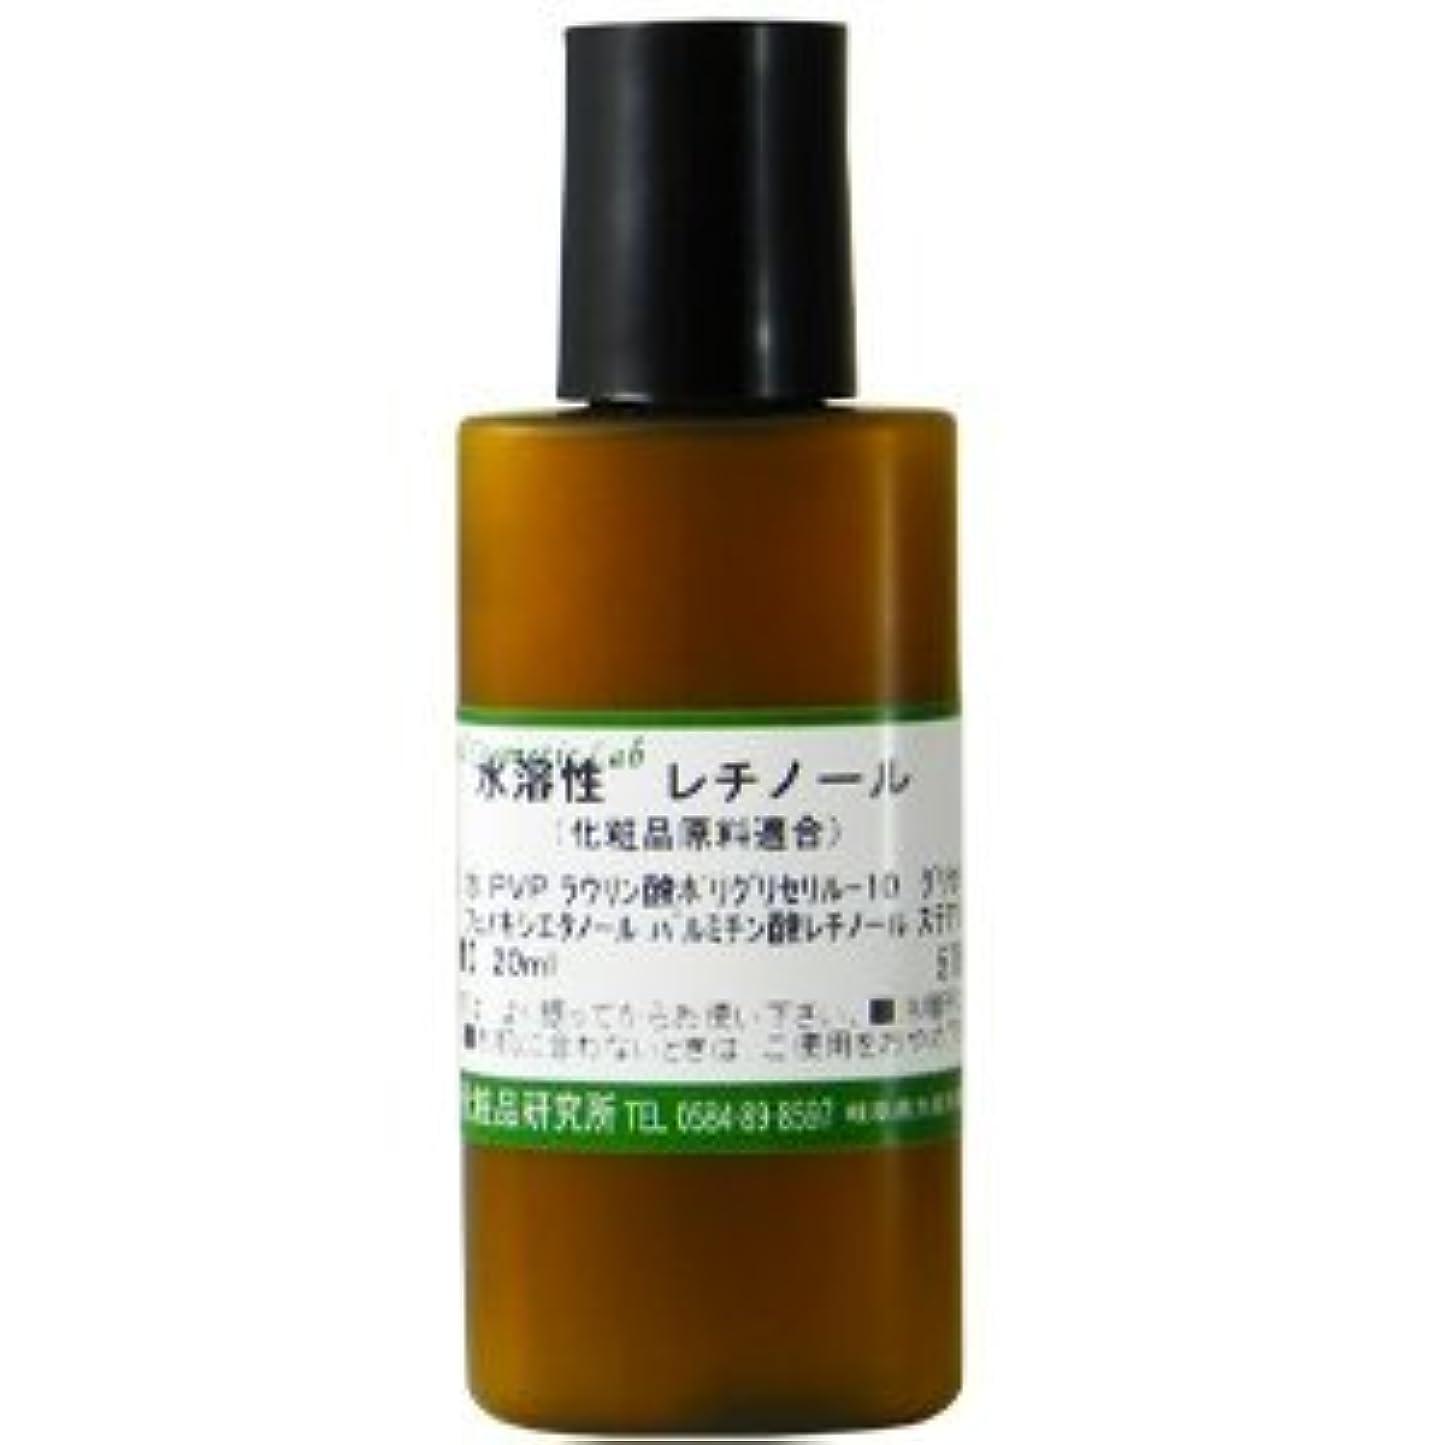 メッシュ性交しなやかな水溶性レチノール 20ml 【手作り化粧品原料】